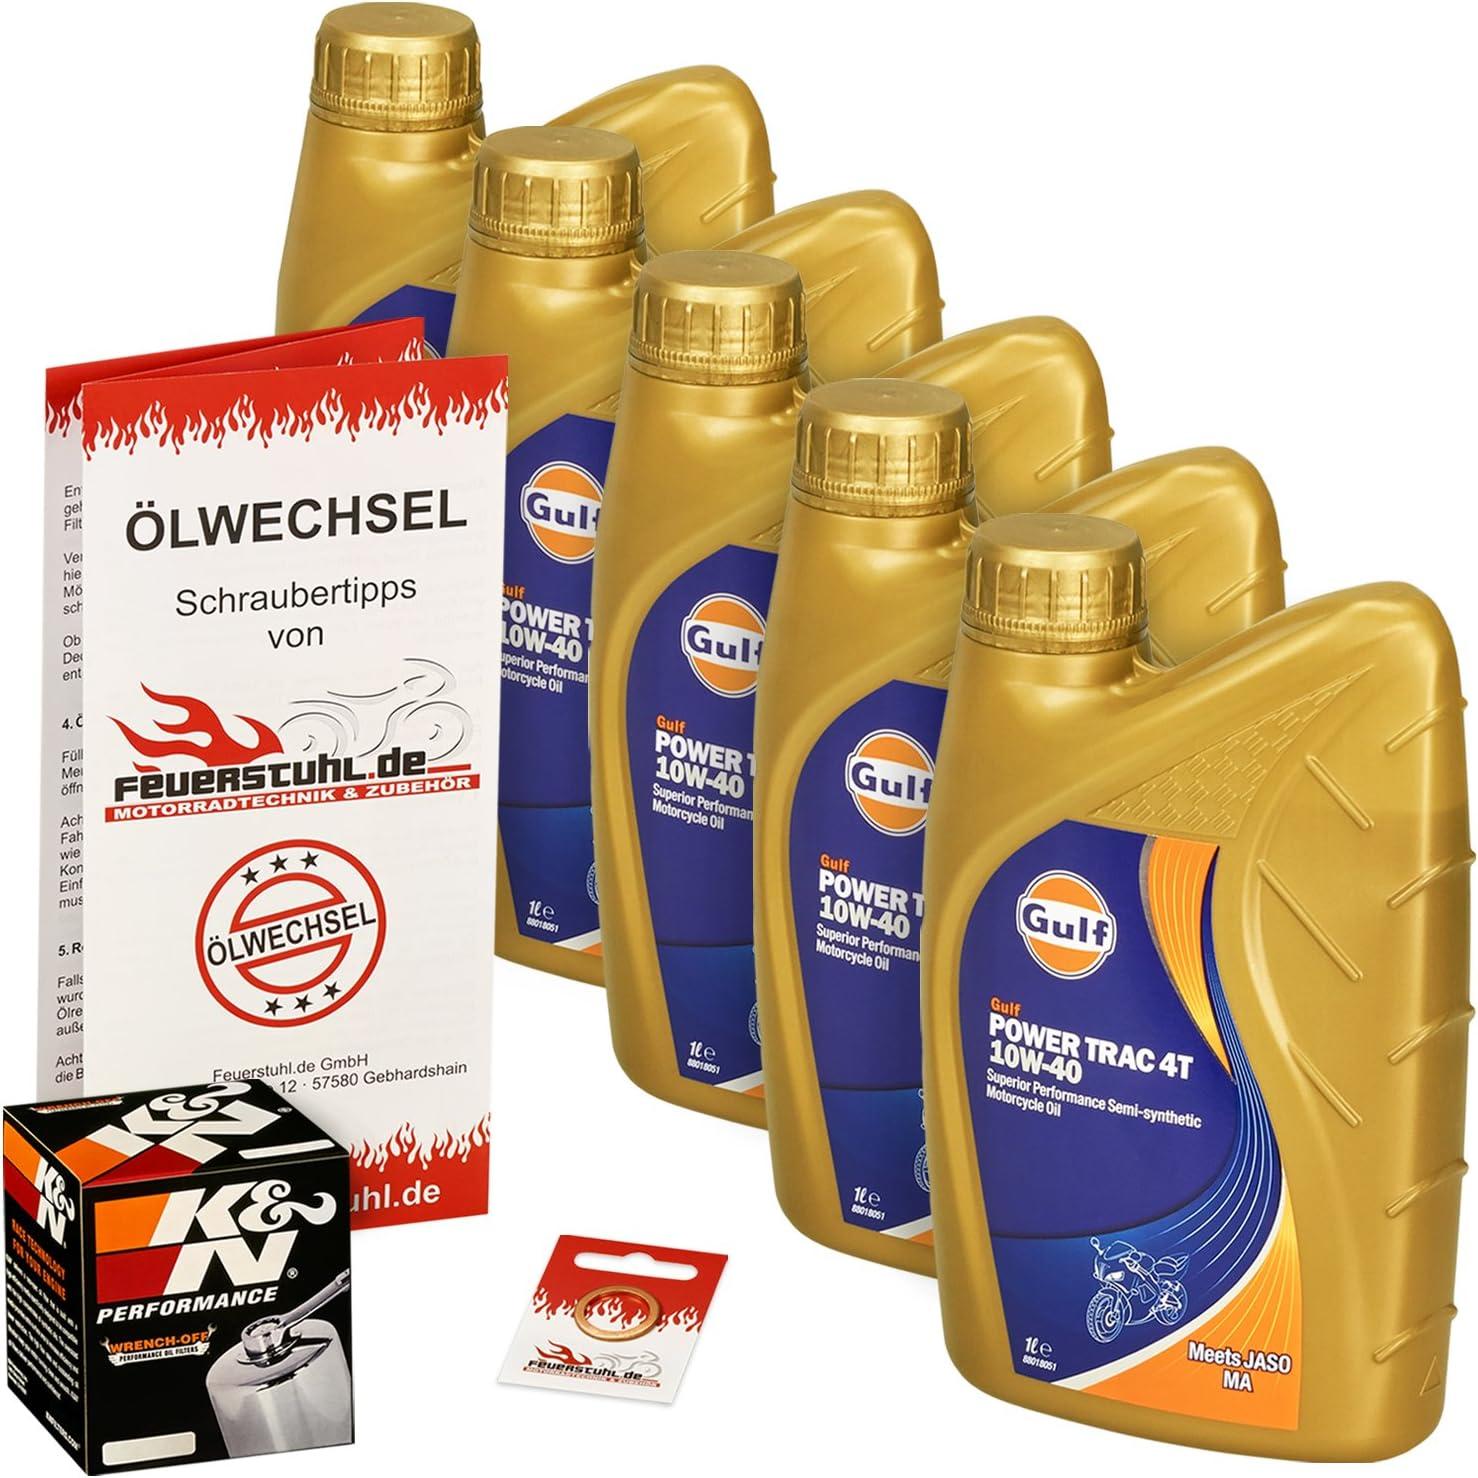 Gulf 10w 40 Öl K N Ölfilter Für Yamaha Xv 1600 Wild Star 99 04 Vp08 Ölwechselset Inkl Motoröl Chrom Filter Dichtring Auto